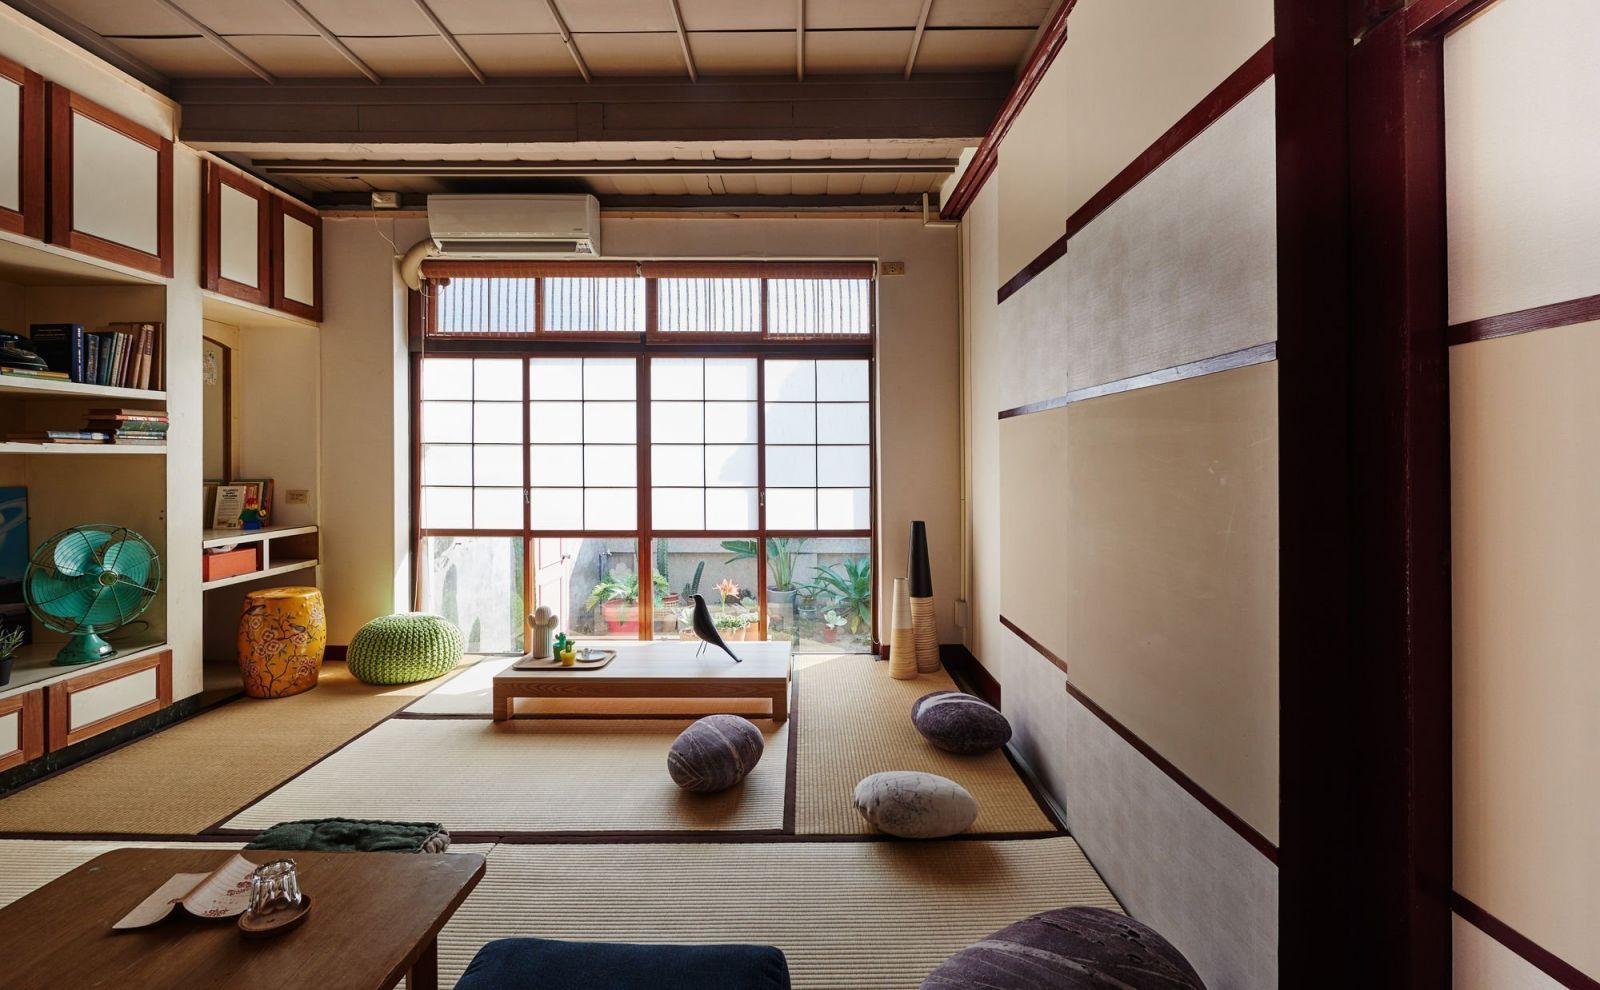 Chiếu Tatami tạo nên điểm nổi bật và nhấn mạnh thiết kế nội thất phòng khách